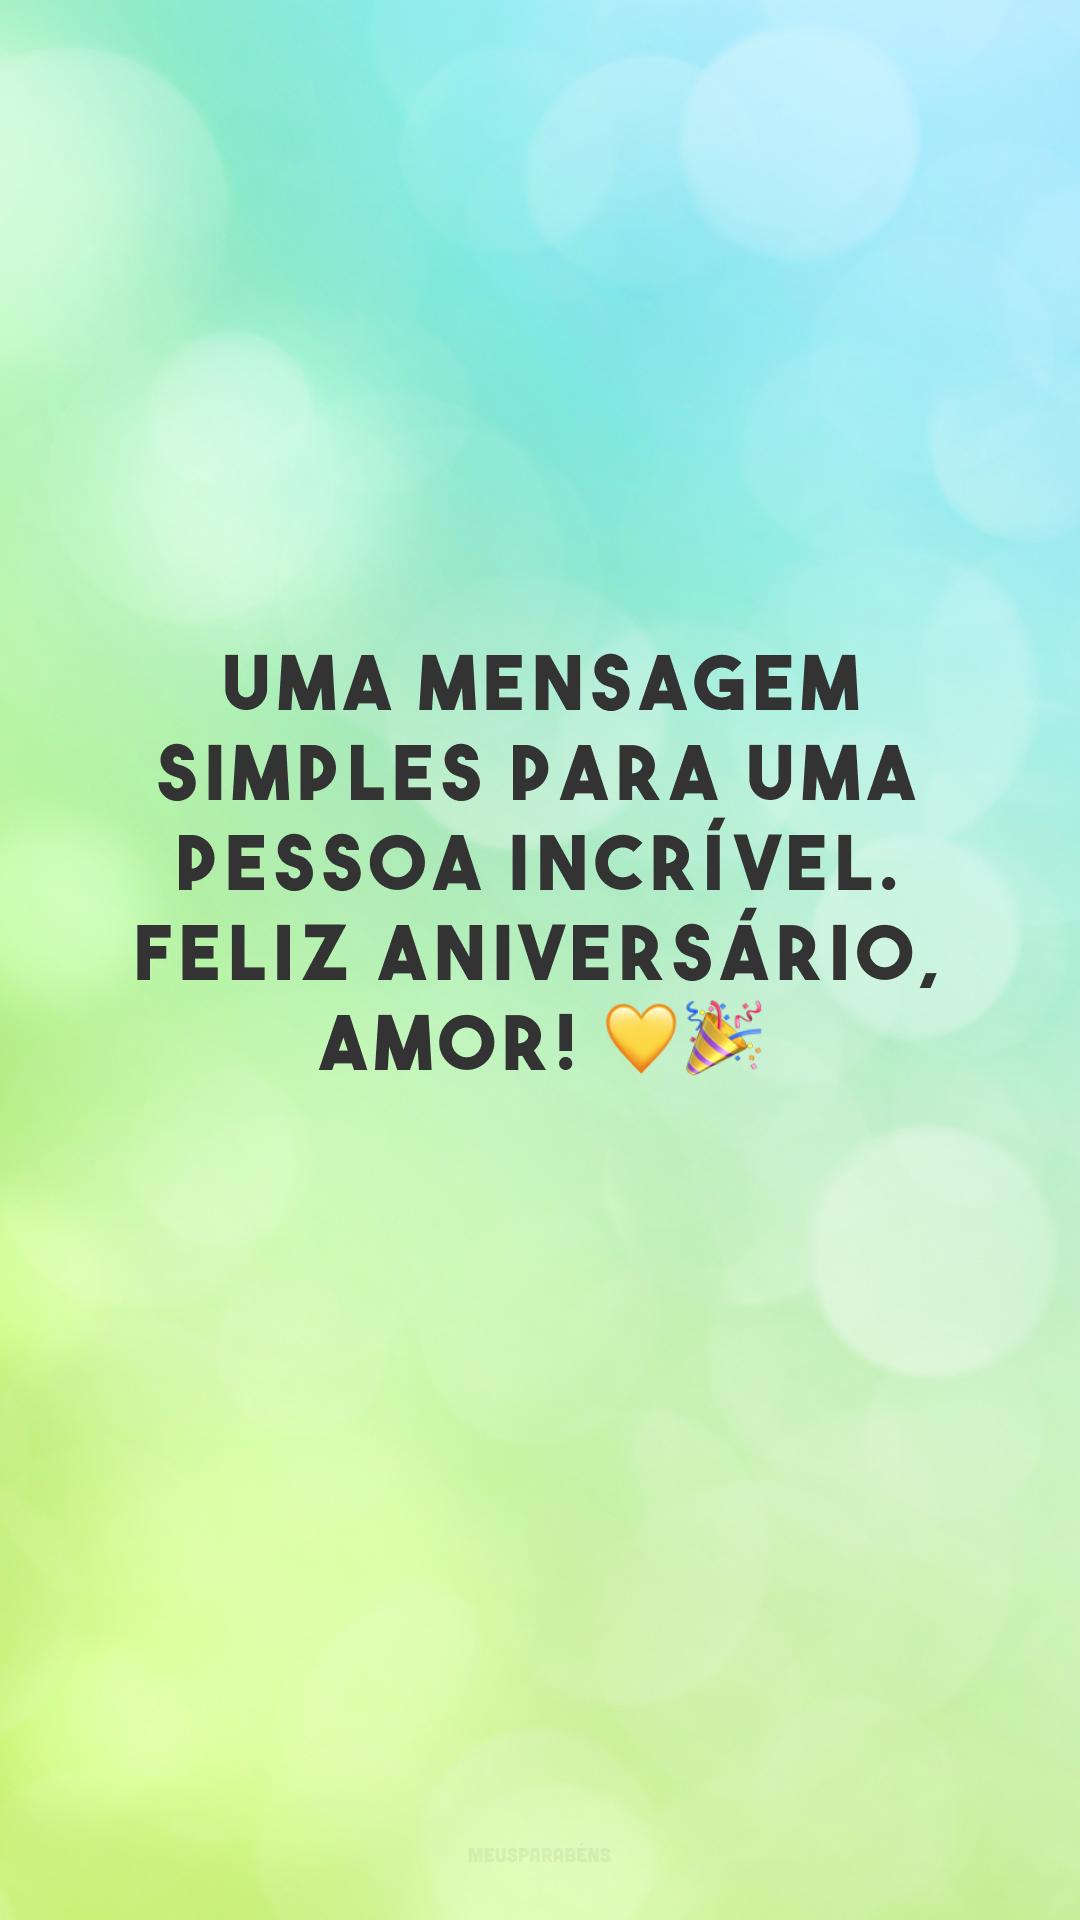 Uma mensagem simples para uma pessoa incrível. Feliz aniversário, amor! 💛🎉